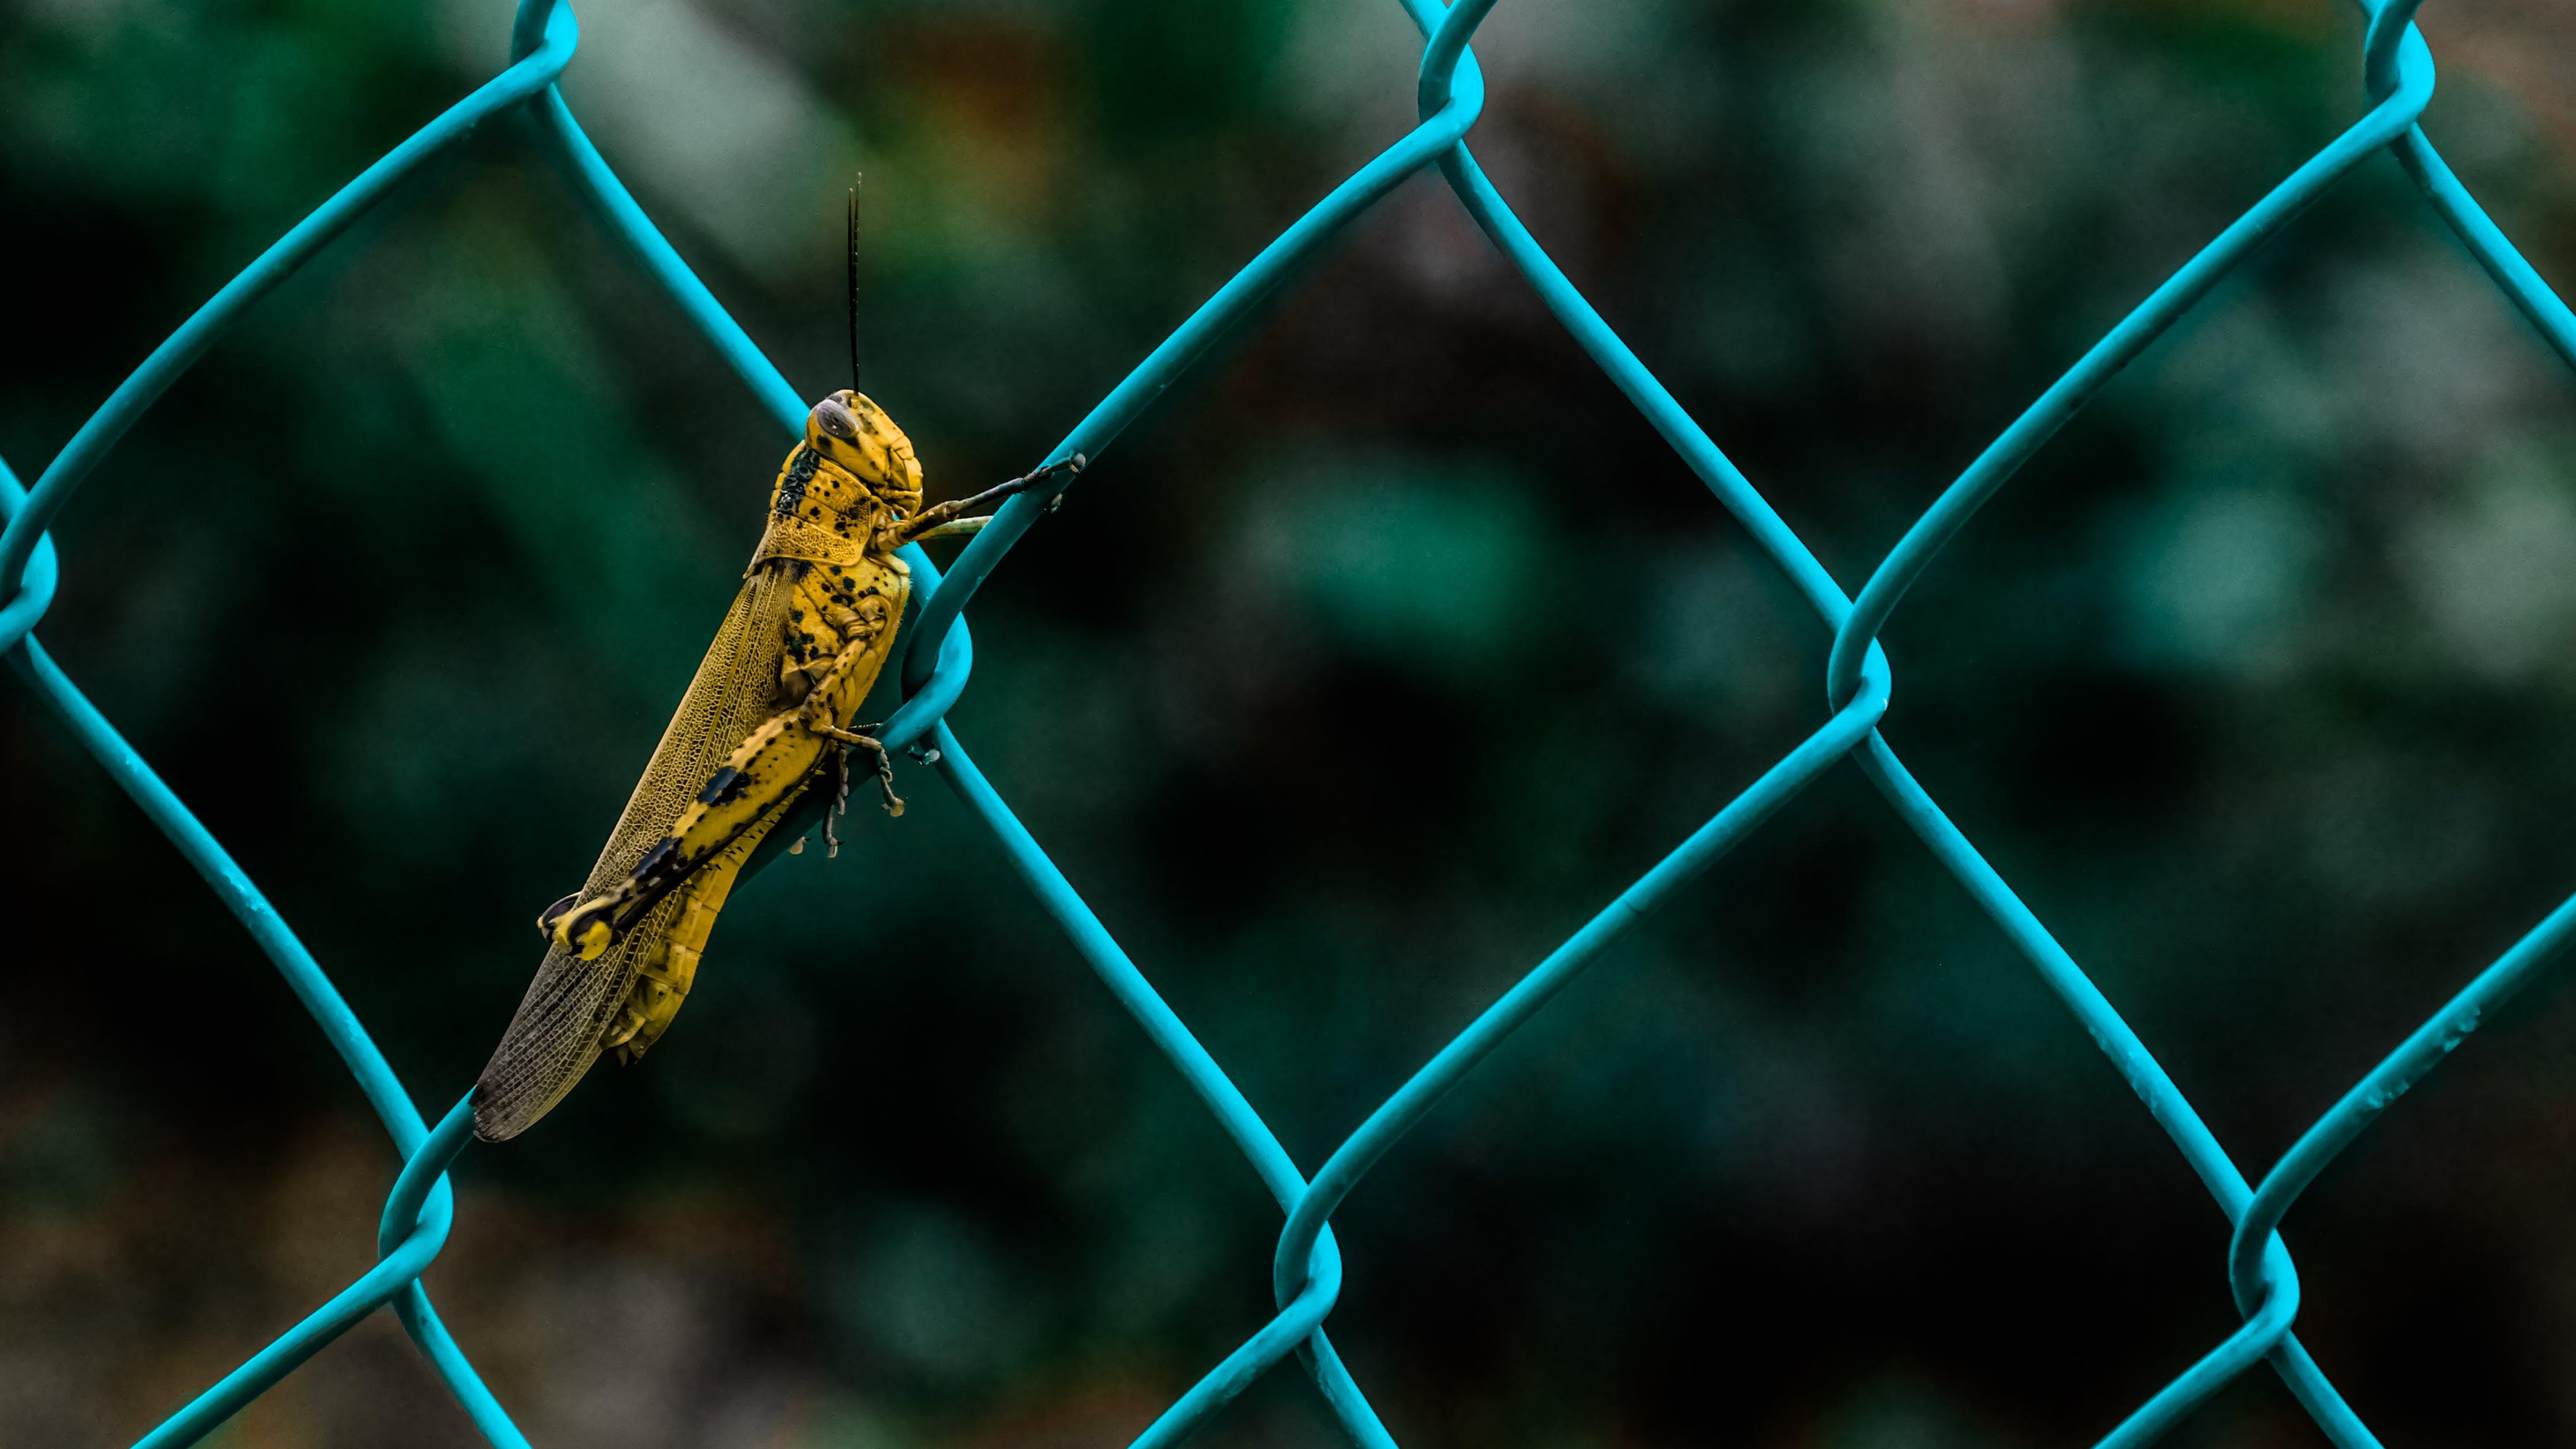 Photos gratuites de barrière, cricket, gros plan, insecte